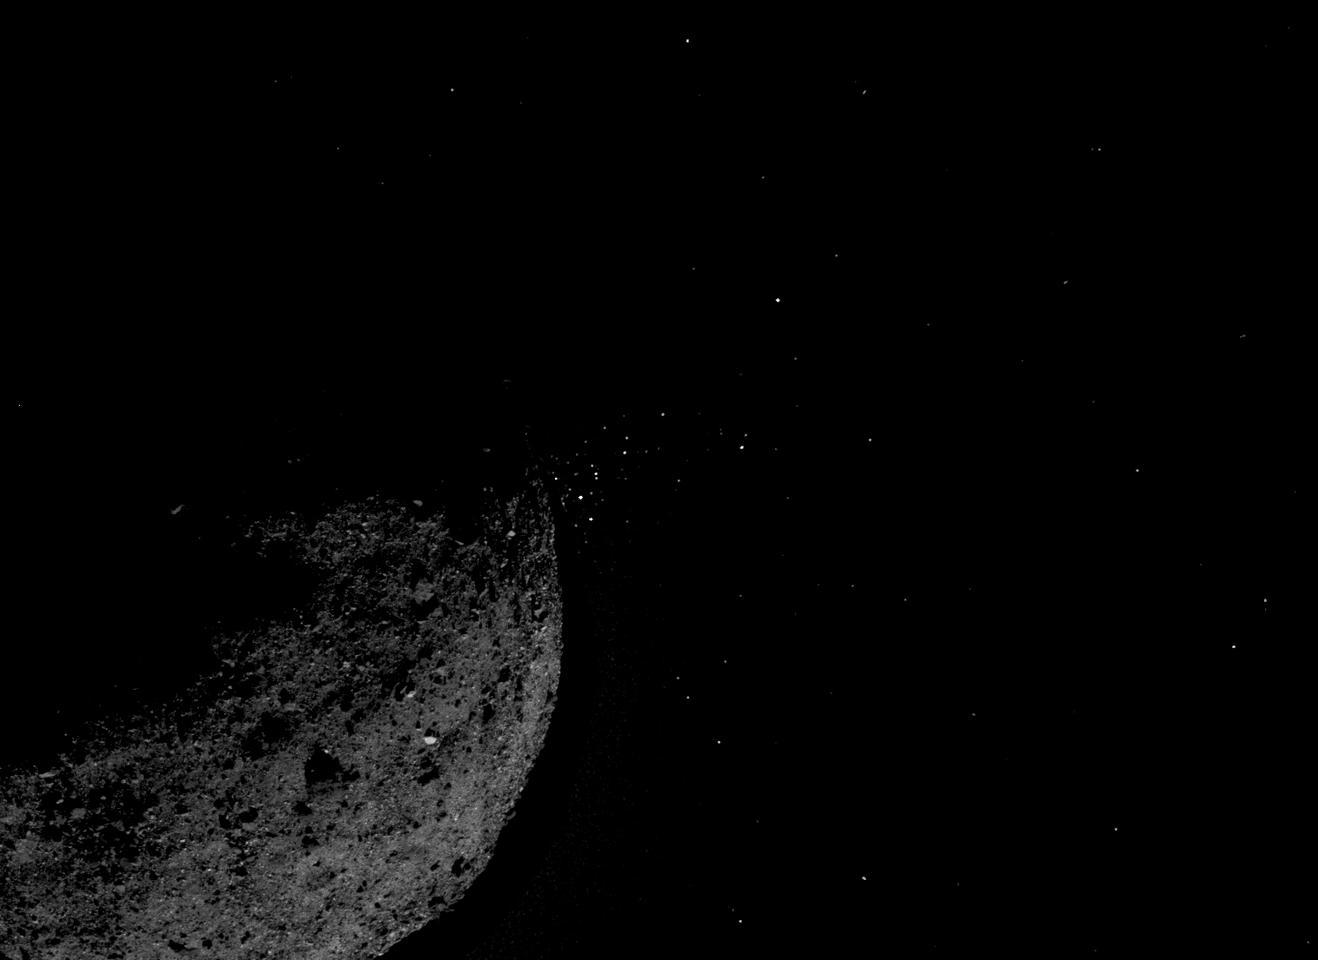 Bennu as seen from OSIRIS-REx